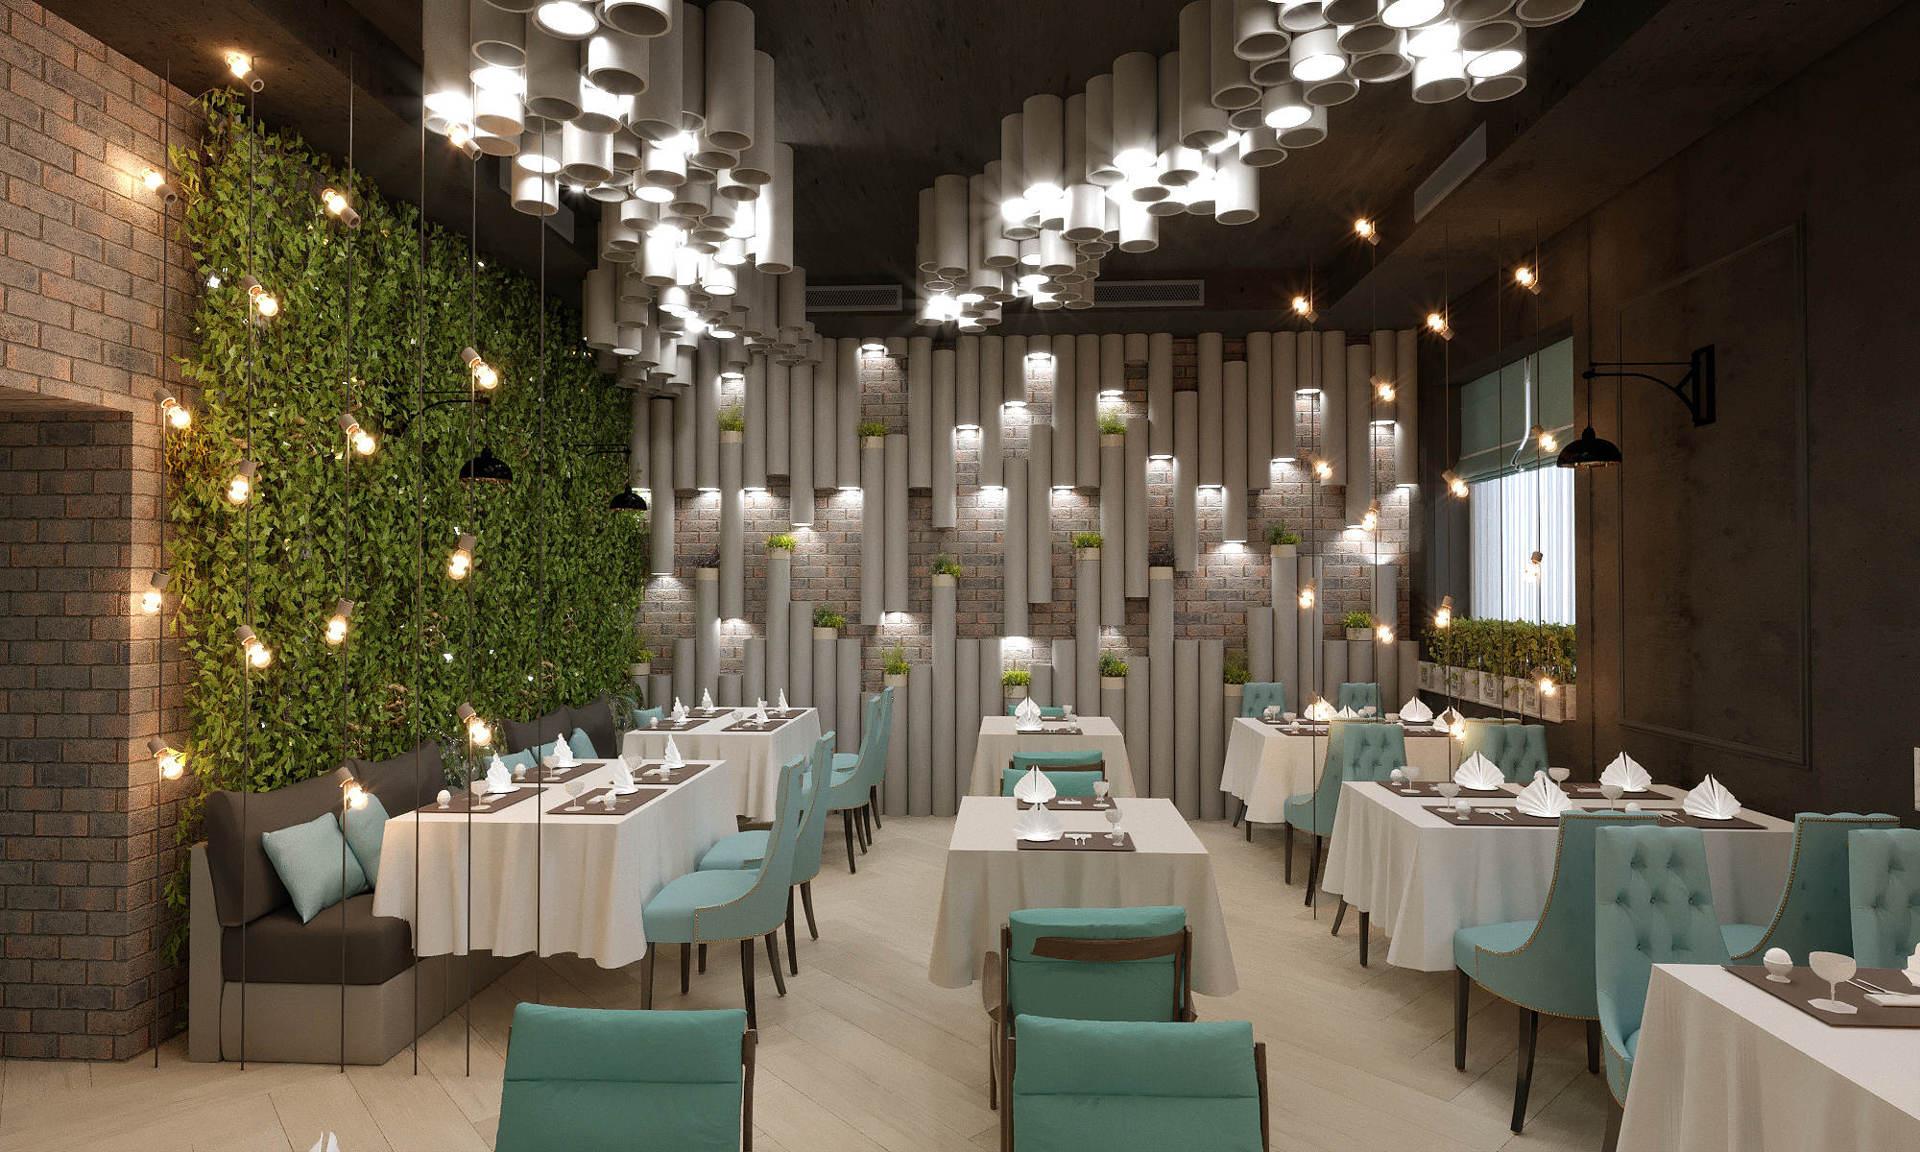 дизайн ресторана будущего